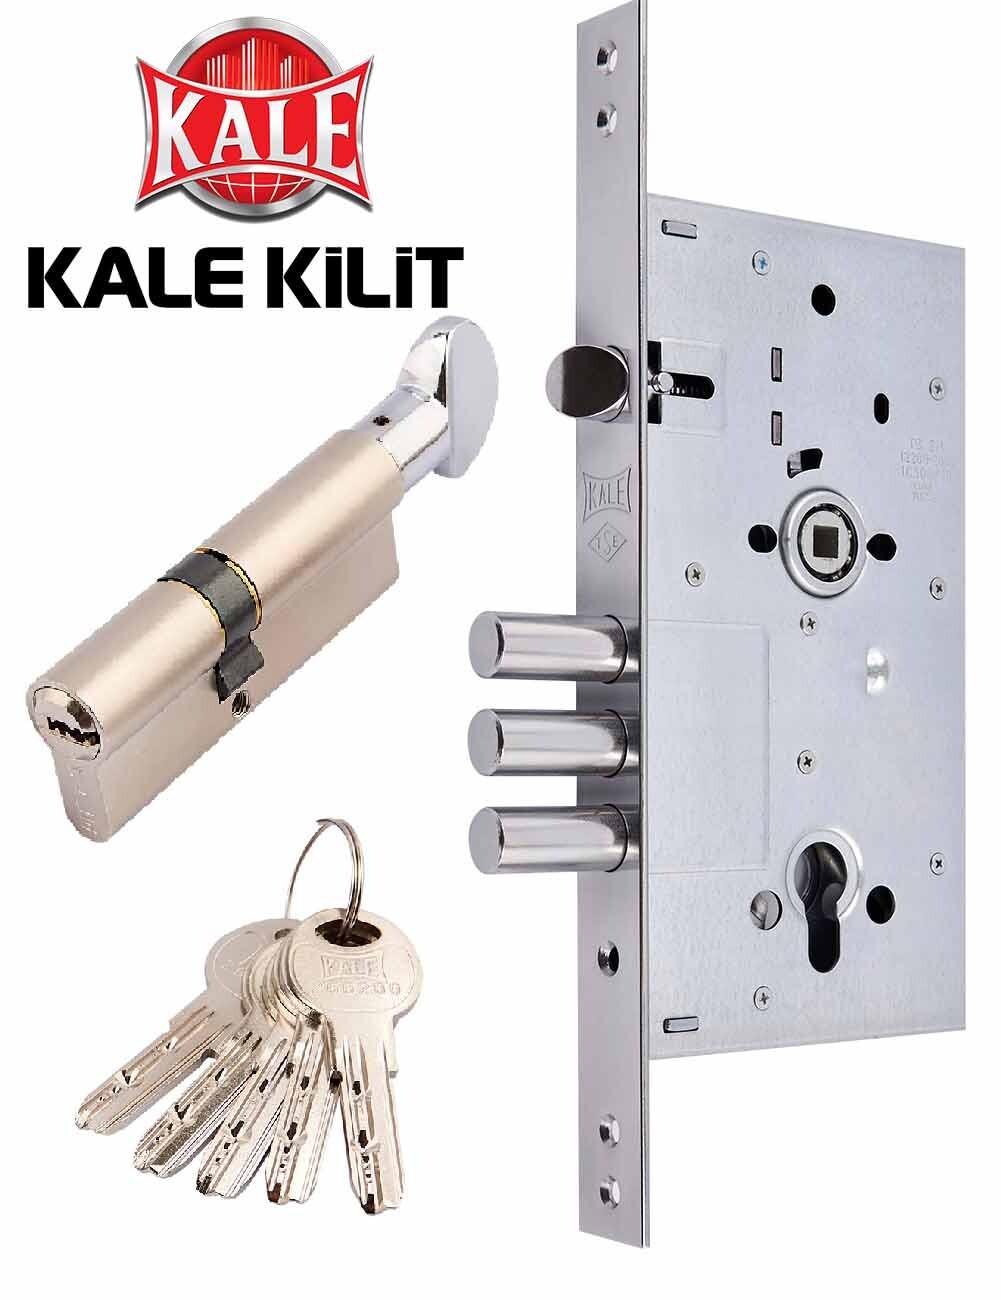 циліндровий замок kale 252 на дверях серии КТ1